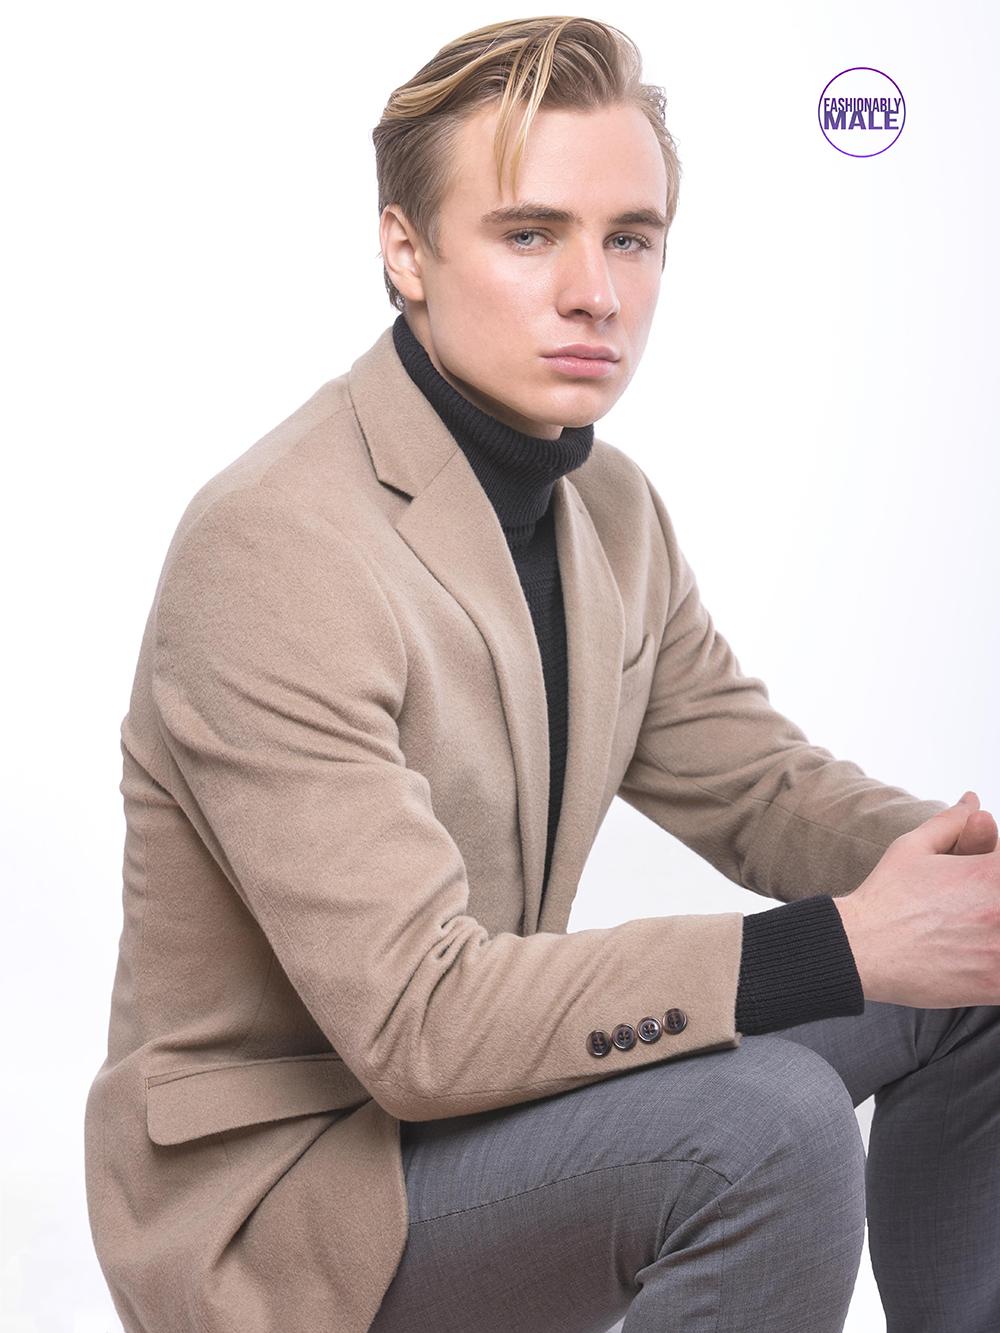 FashionablyMale ALEX CARRABRE (6)